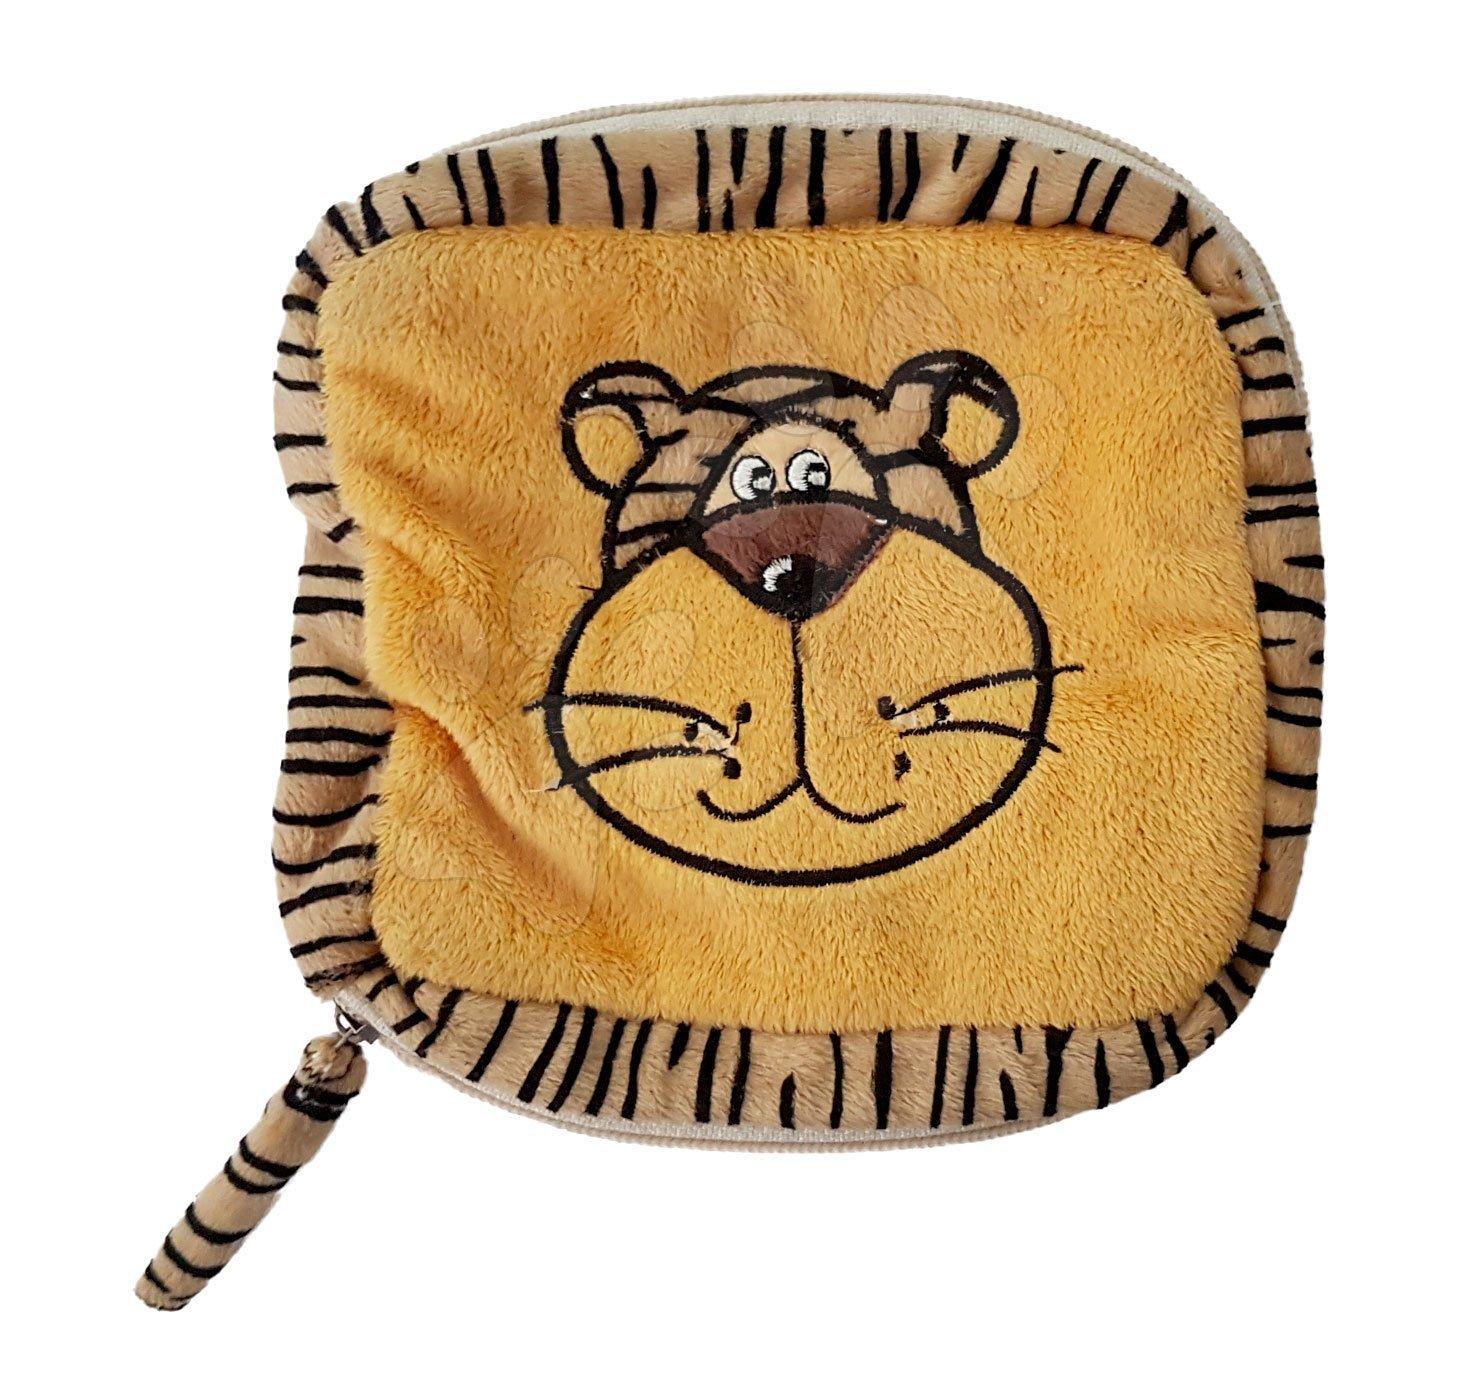 Plyšová taštička tygr Ilanit 16*16 cm